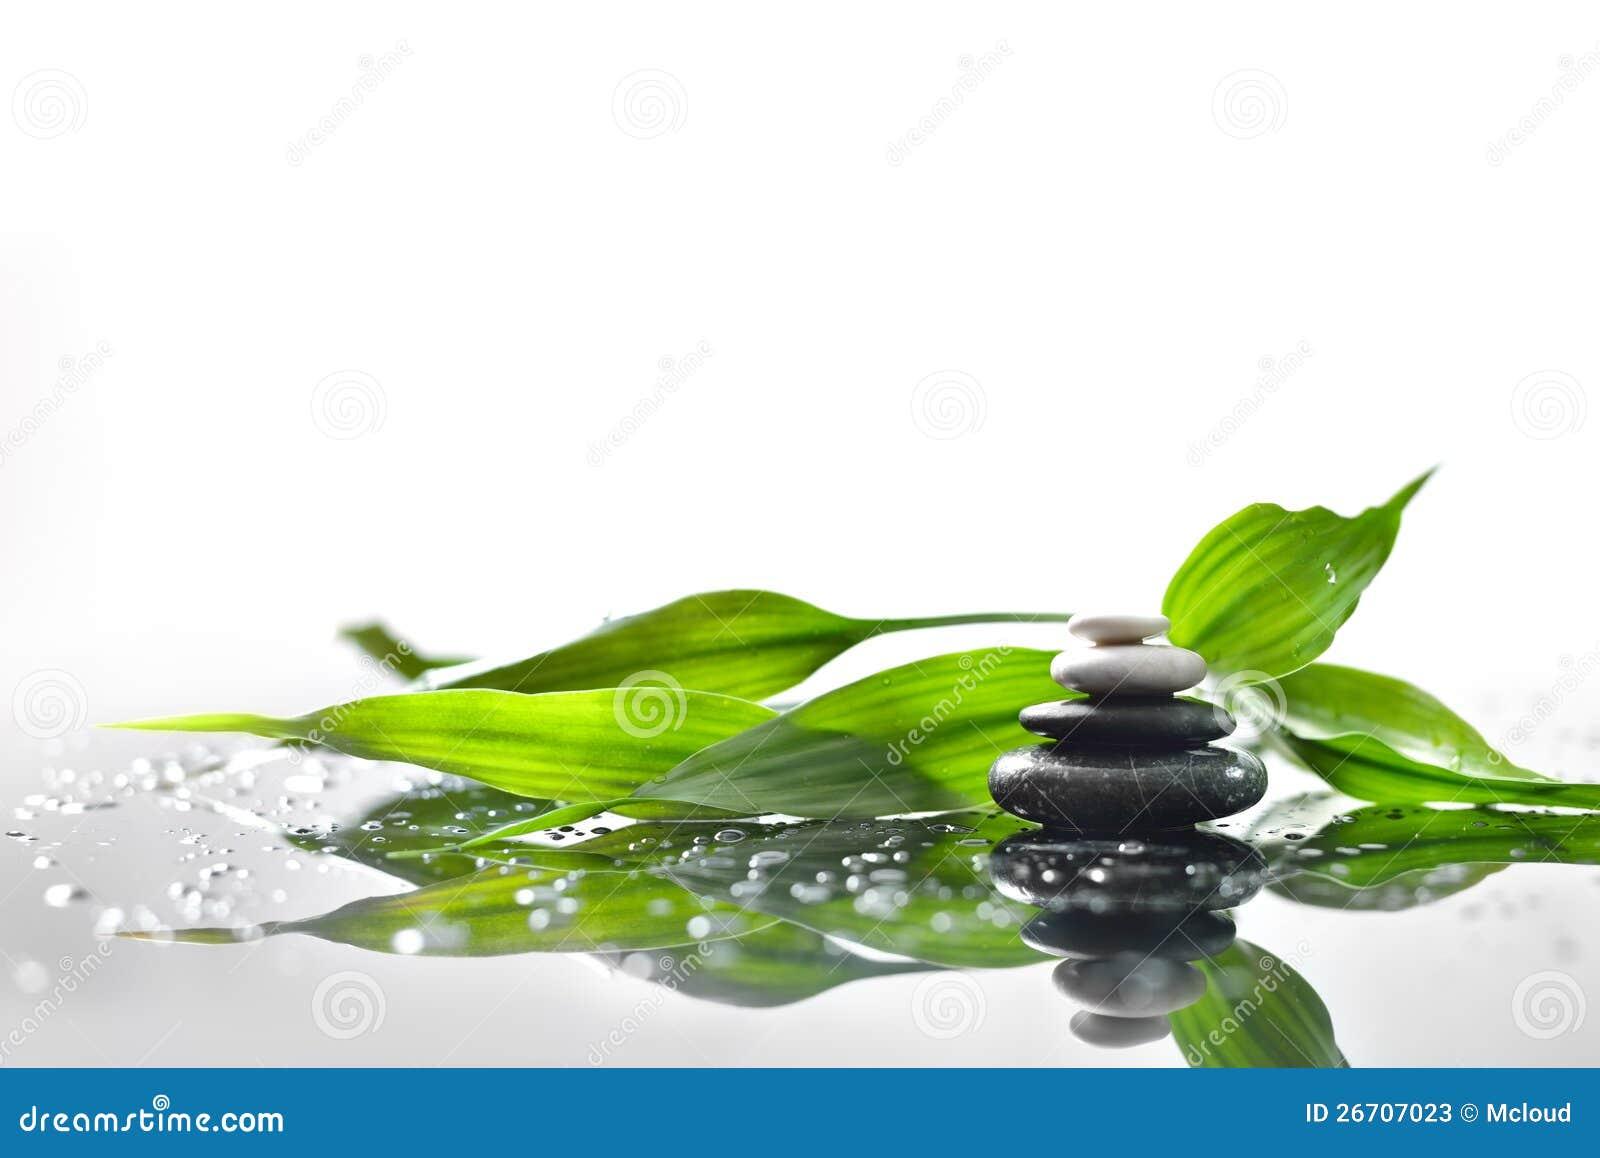 Piedras del zen y bamb verde imagen de archivo imagen for Imagenes zen